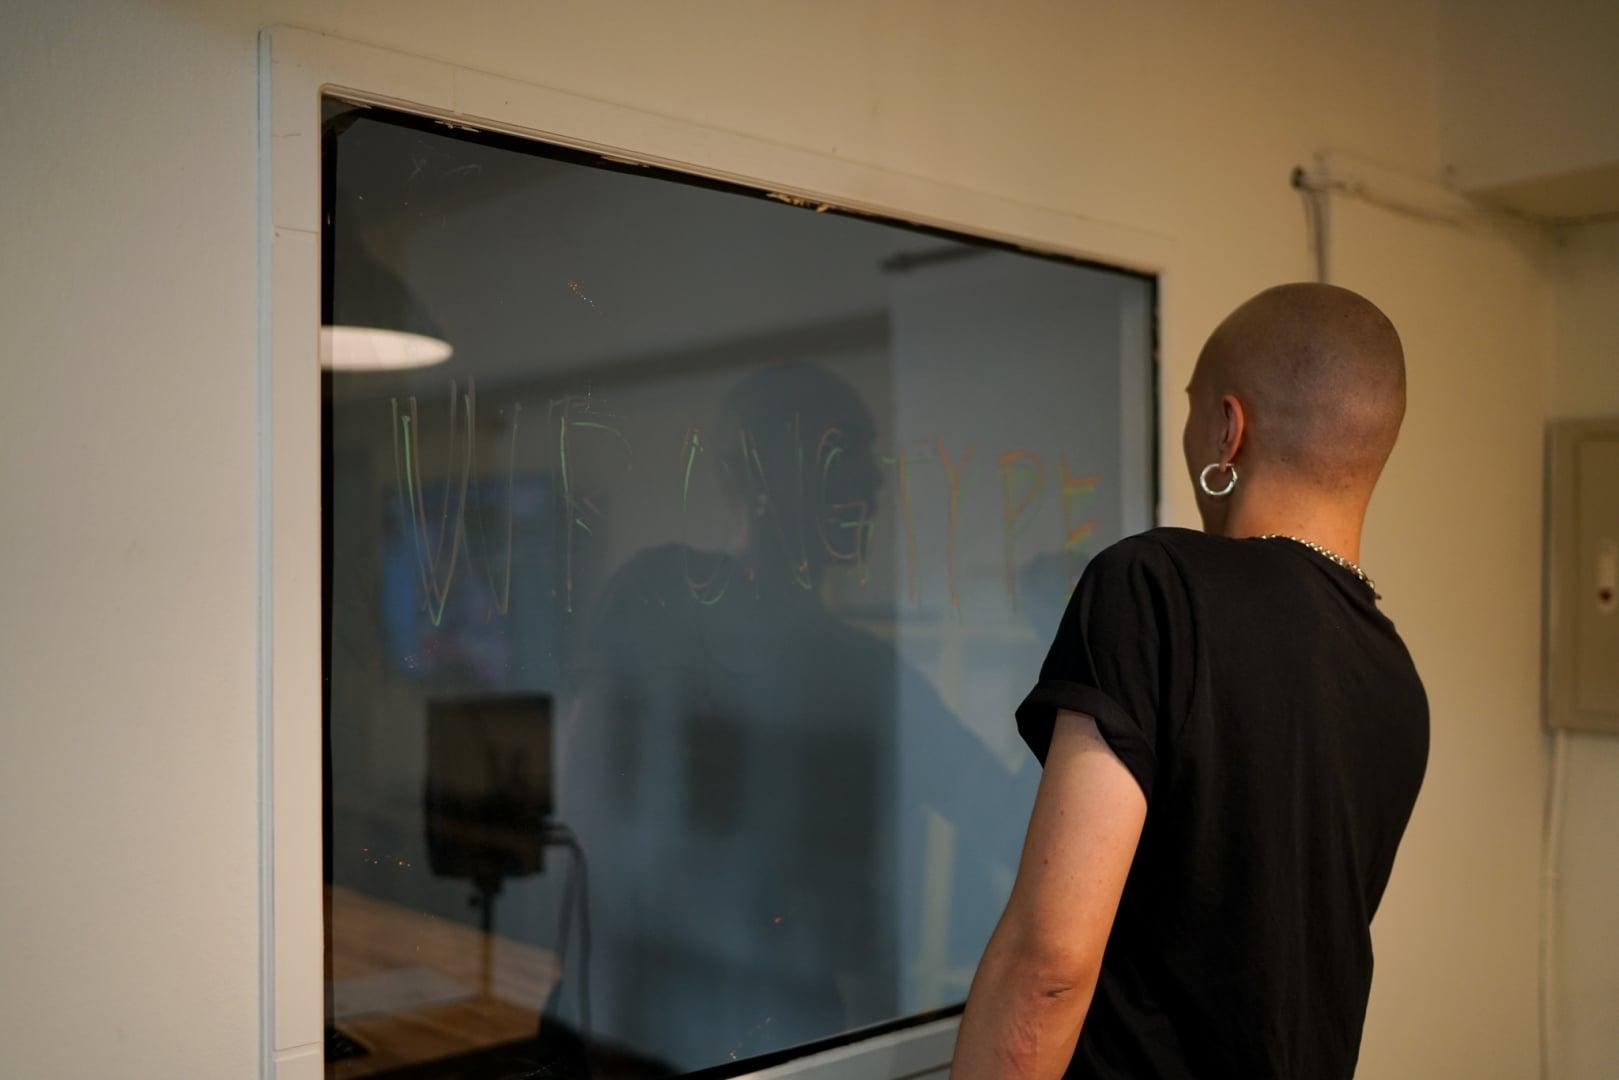 # 專訪 yellow 黃宣:保持無知,保持有機,做一個漫遊宇宙的「cyberfunk」,創造更多意外的可能。 24